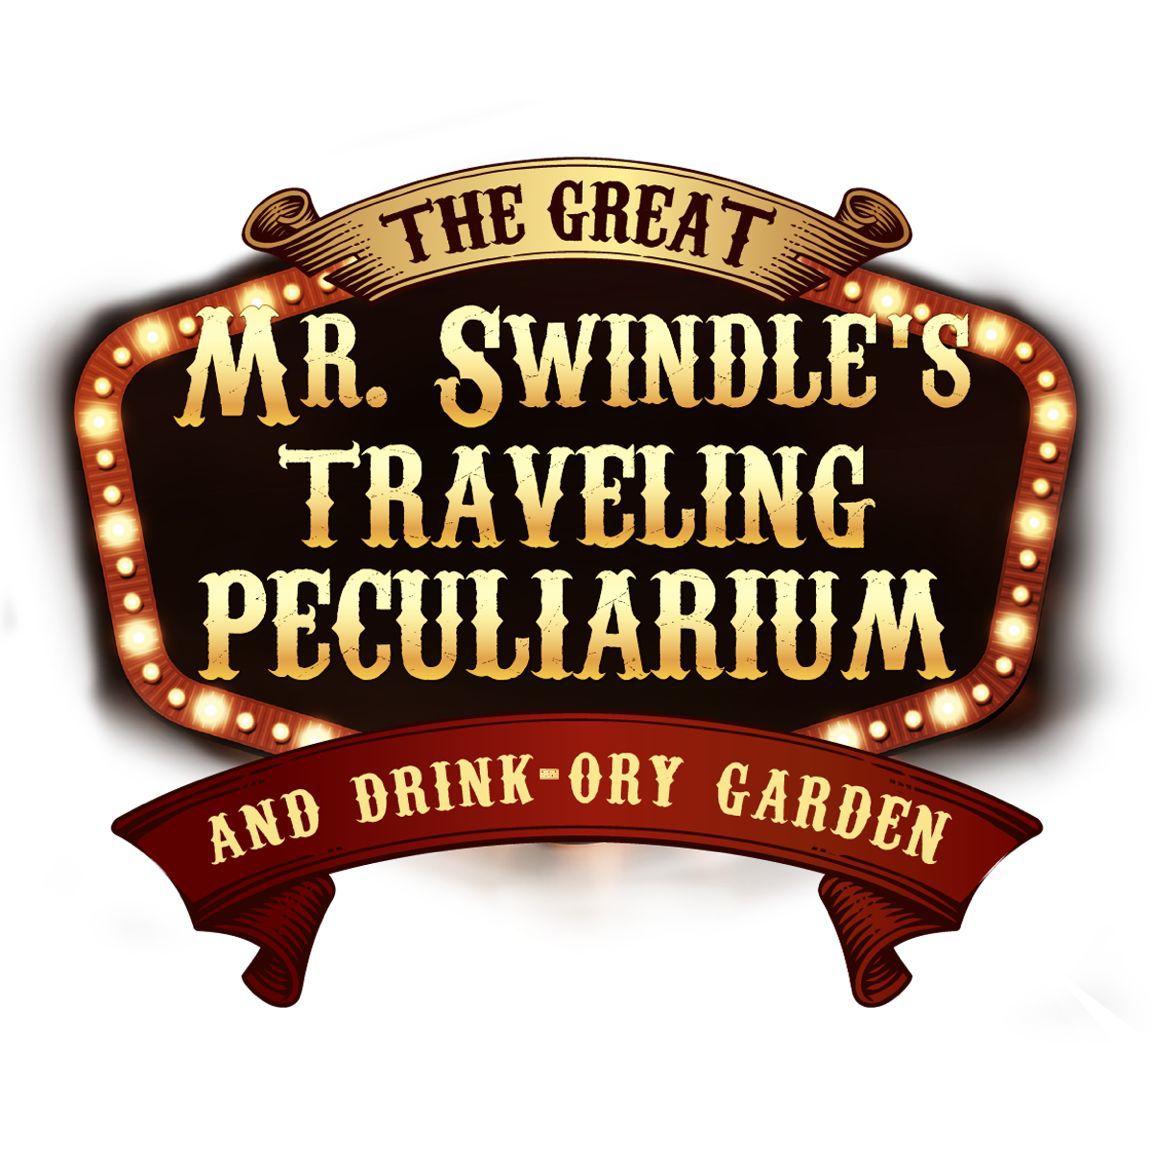 The return of The Swindler